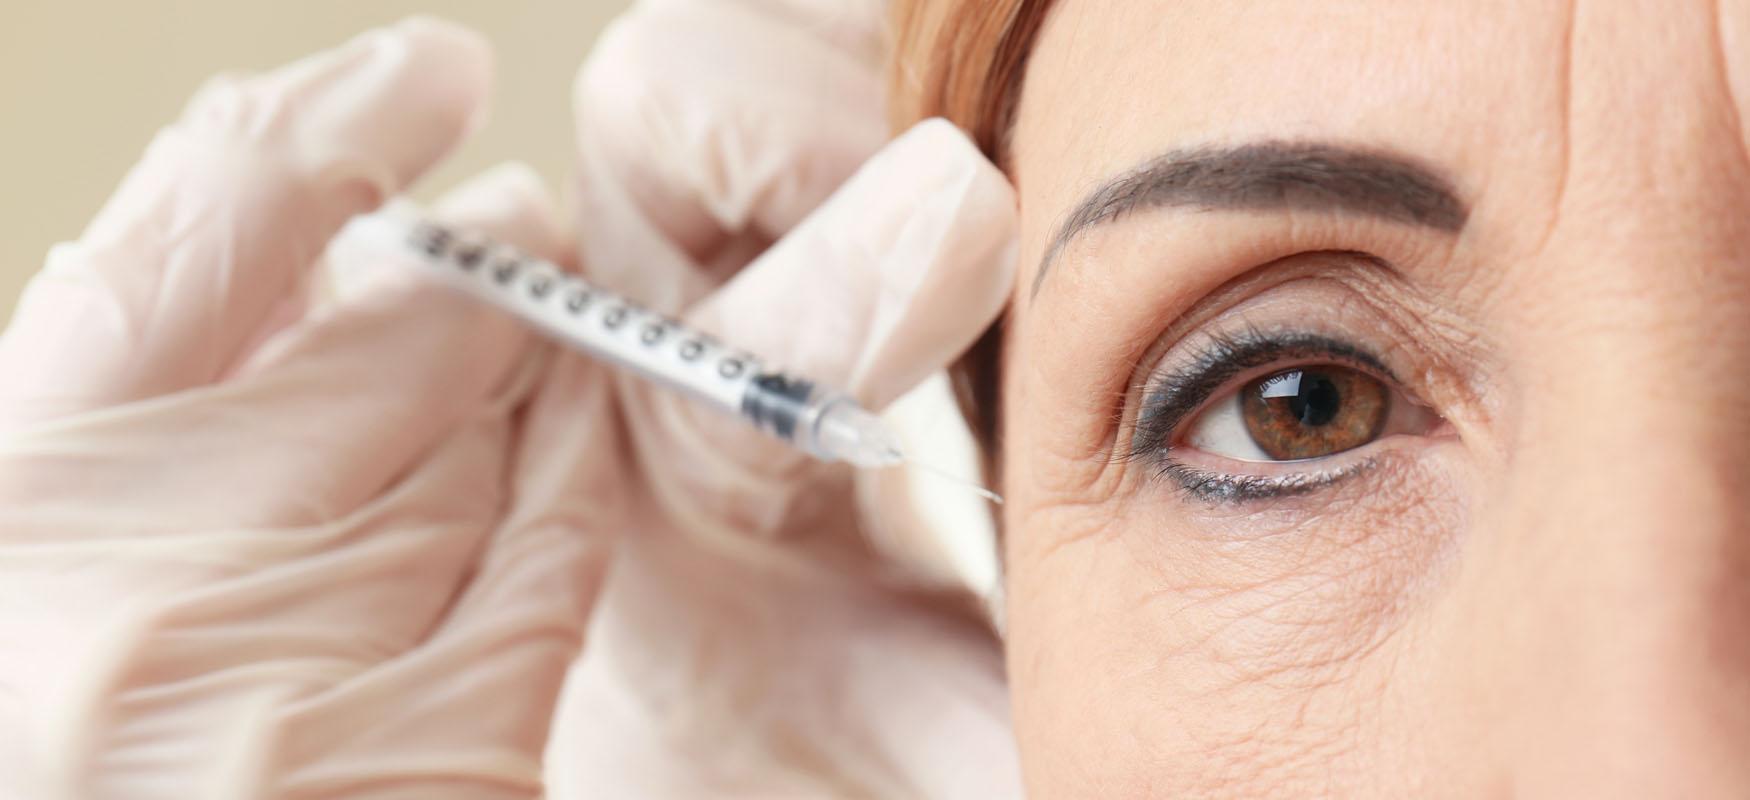 Porażenie nerwu twarzowego – przyczyny, objawy, leczenie